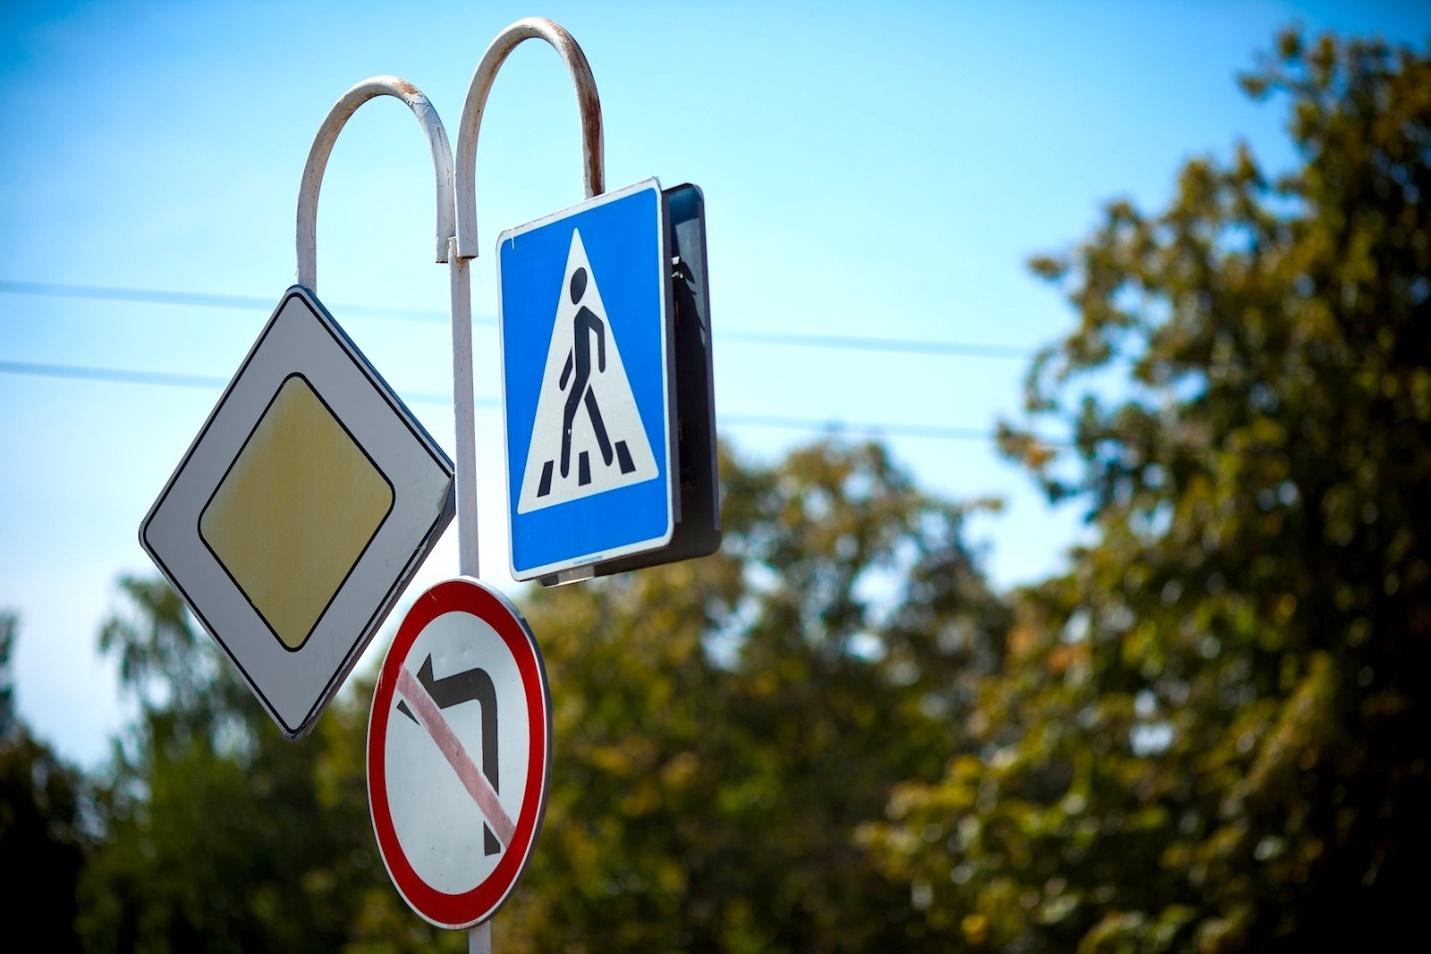 фотографии дорожных знаков высокого качества подчеркивает